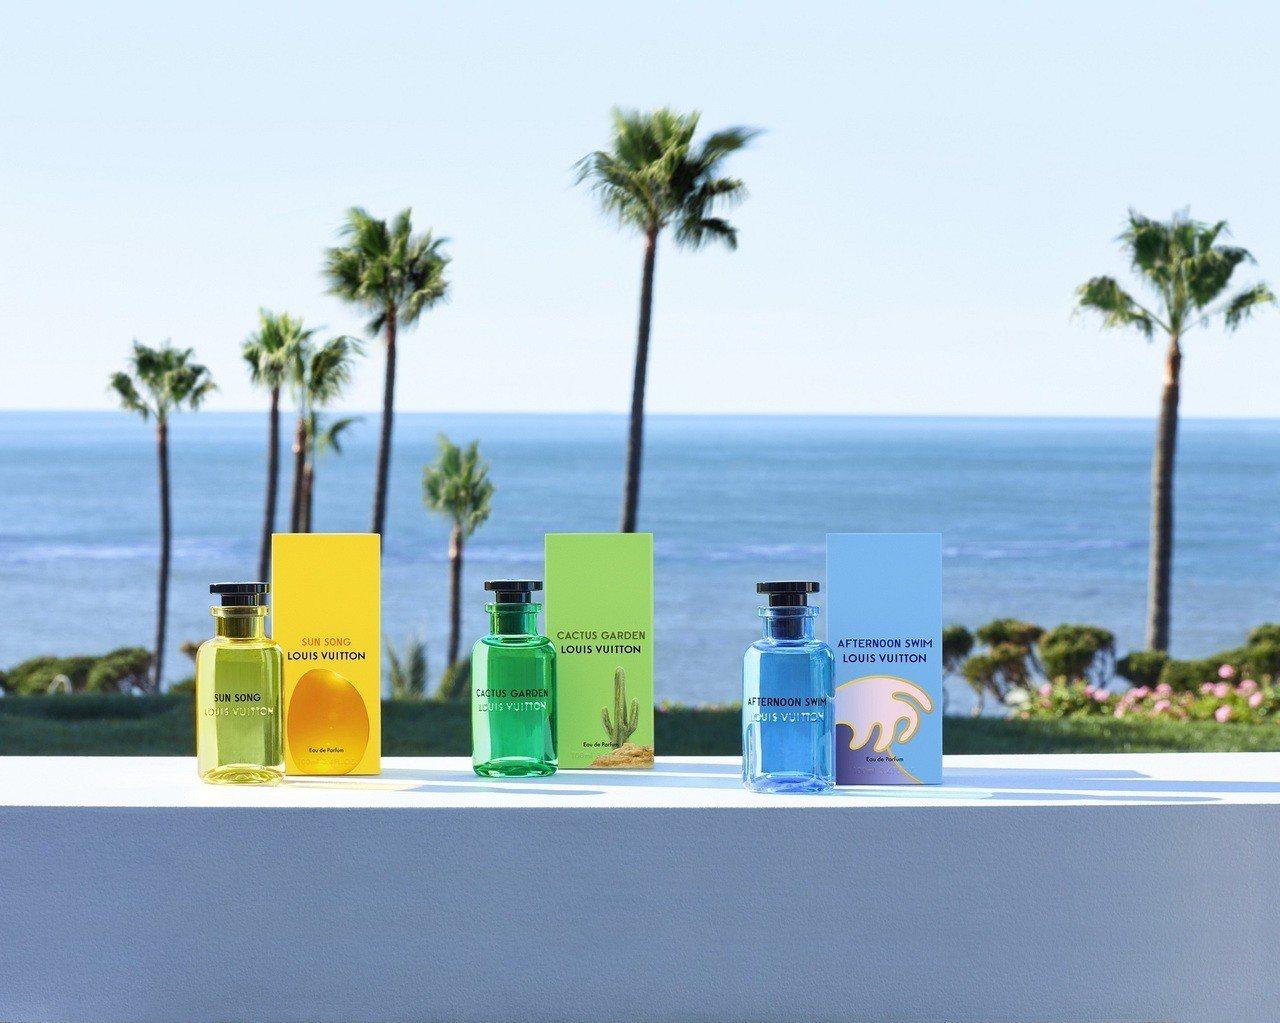 路易威登的三款古龍水外包裝也是出自艾力克斯.伊斯瑞爾的設計。圖/LV提供